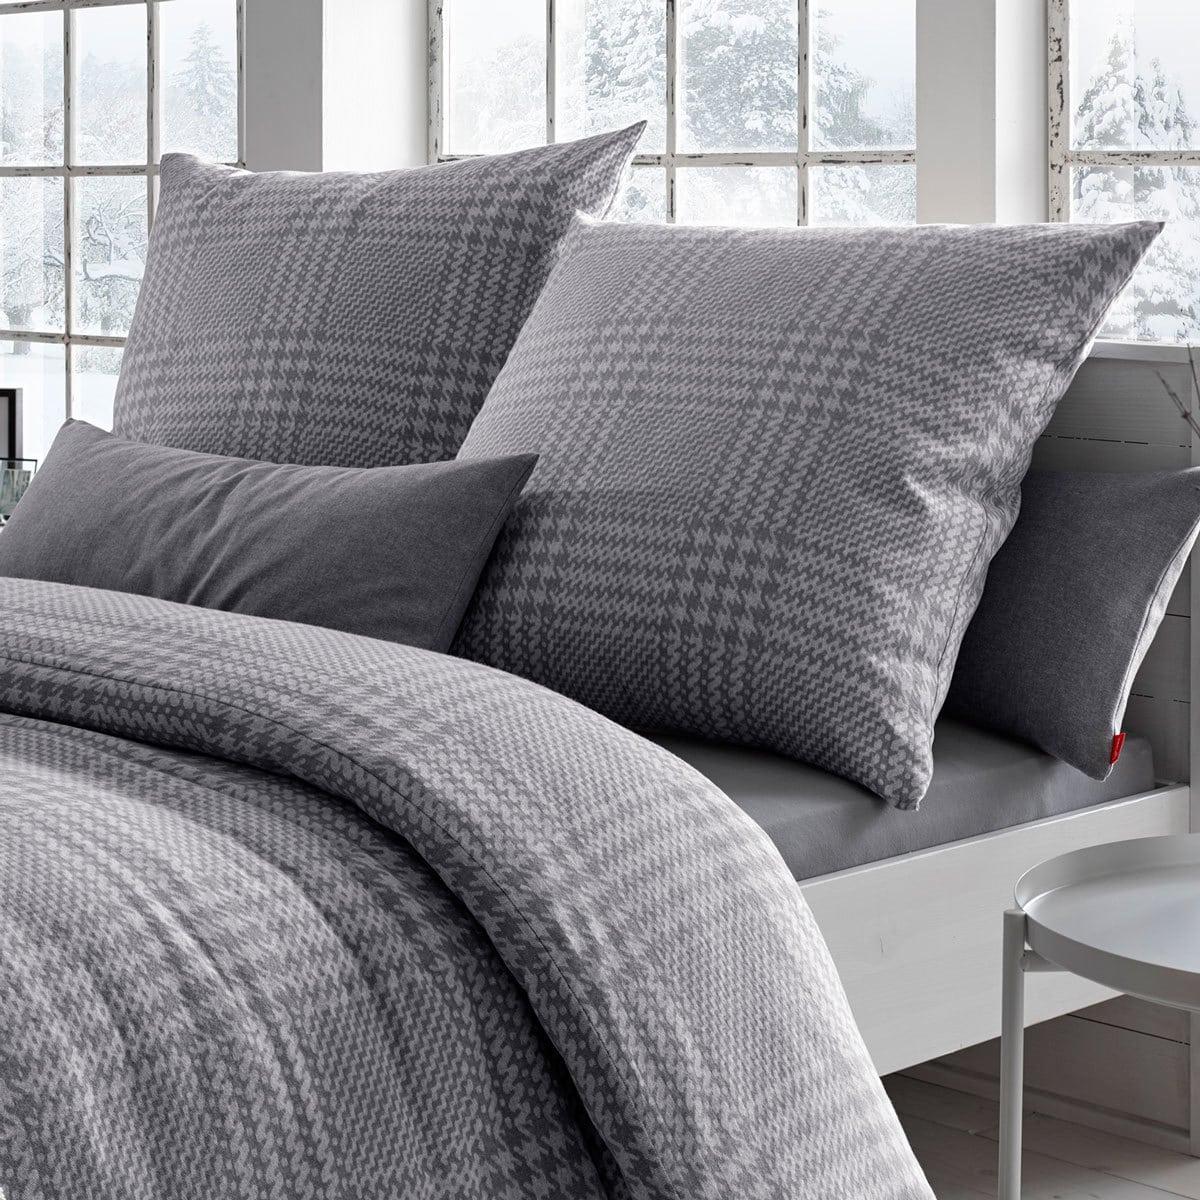 fleuresse edelflanell bettw sche hahnentritt grau g nstig online kaufen bei bettwaren shop. Black Bedroom Furniture Sets. Home Design Ideas